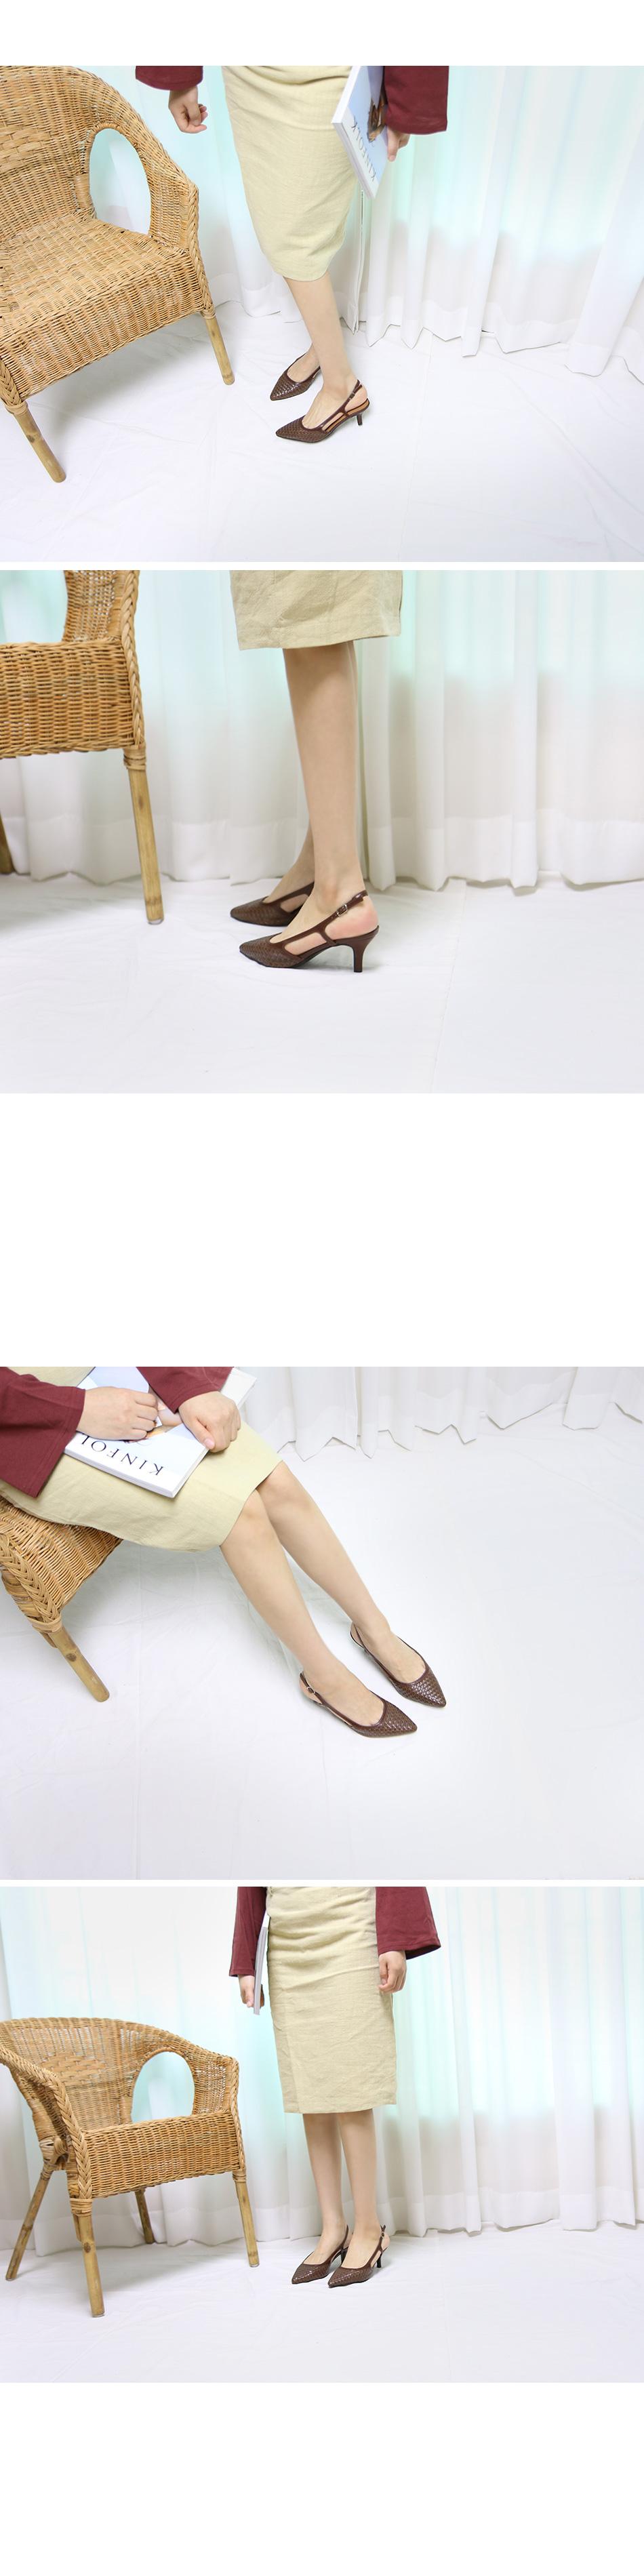 세톤 메쉬 슬링백 샌들힐 착용컷